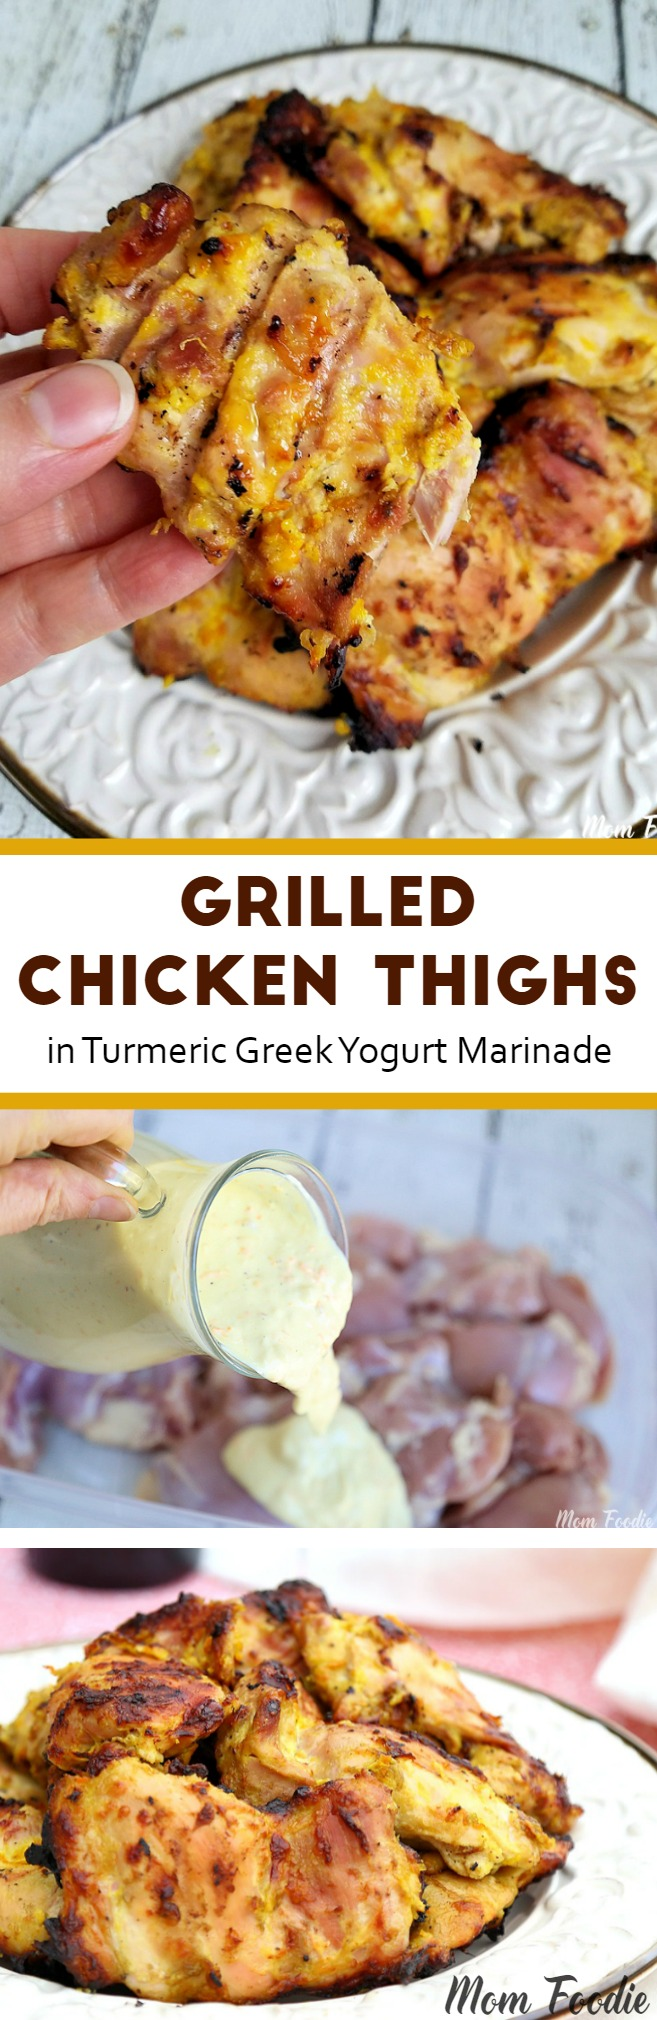 Grilled Chicken Thighs in Greek Yogurt Marinade